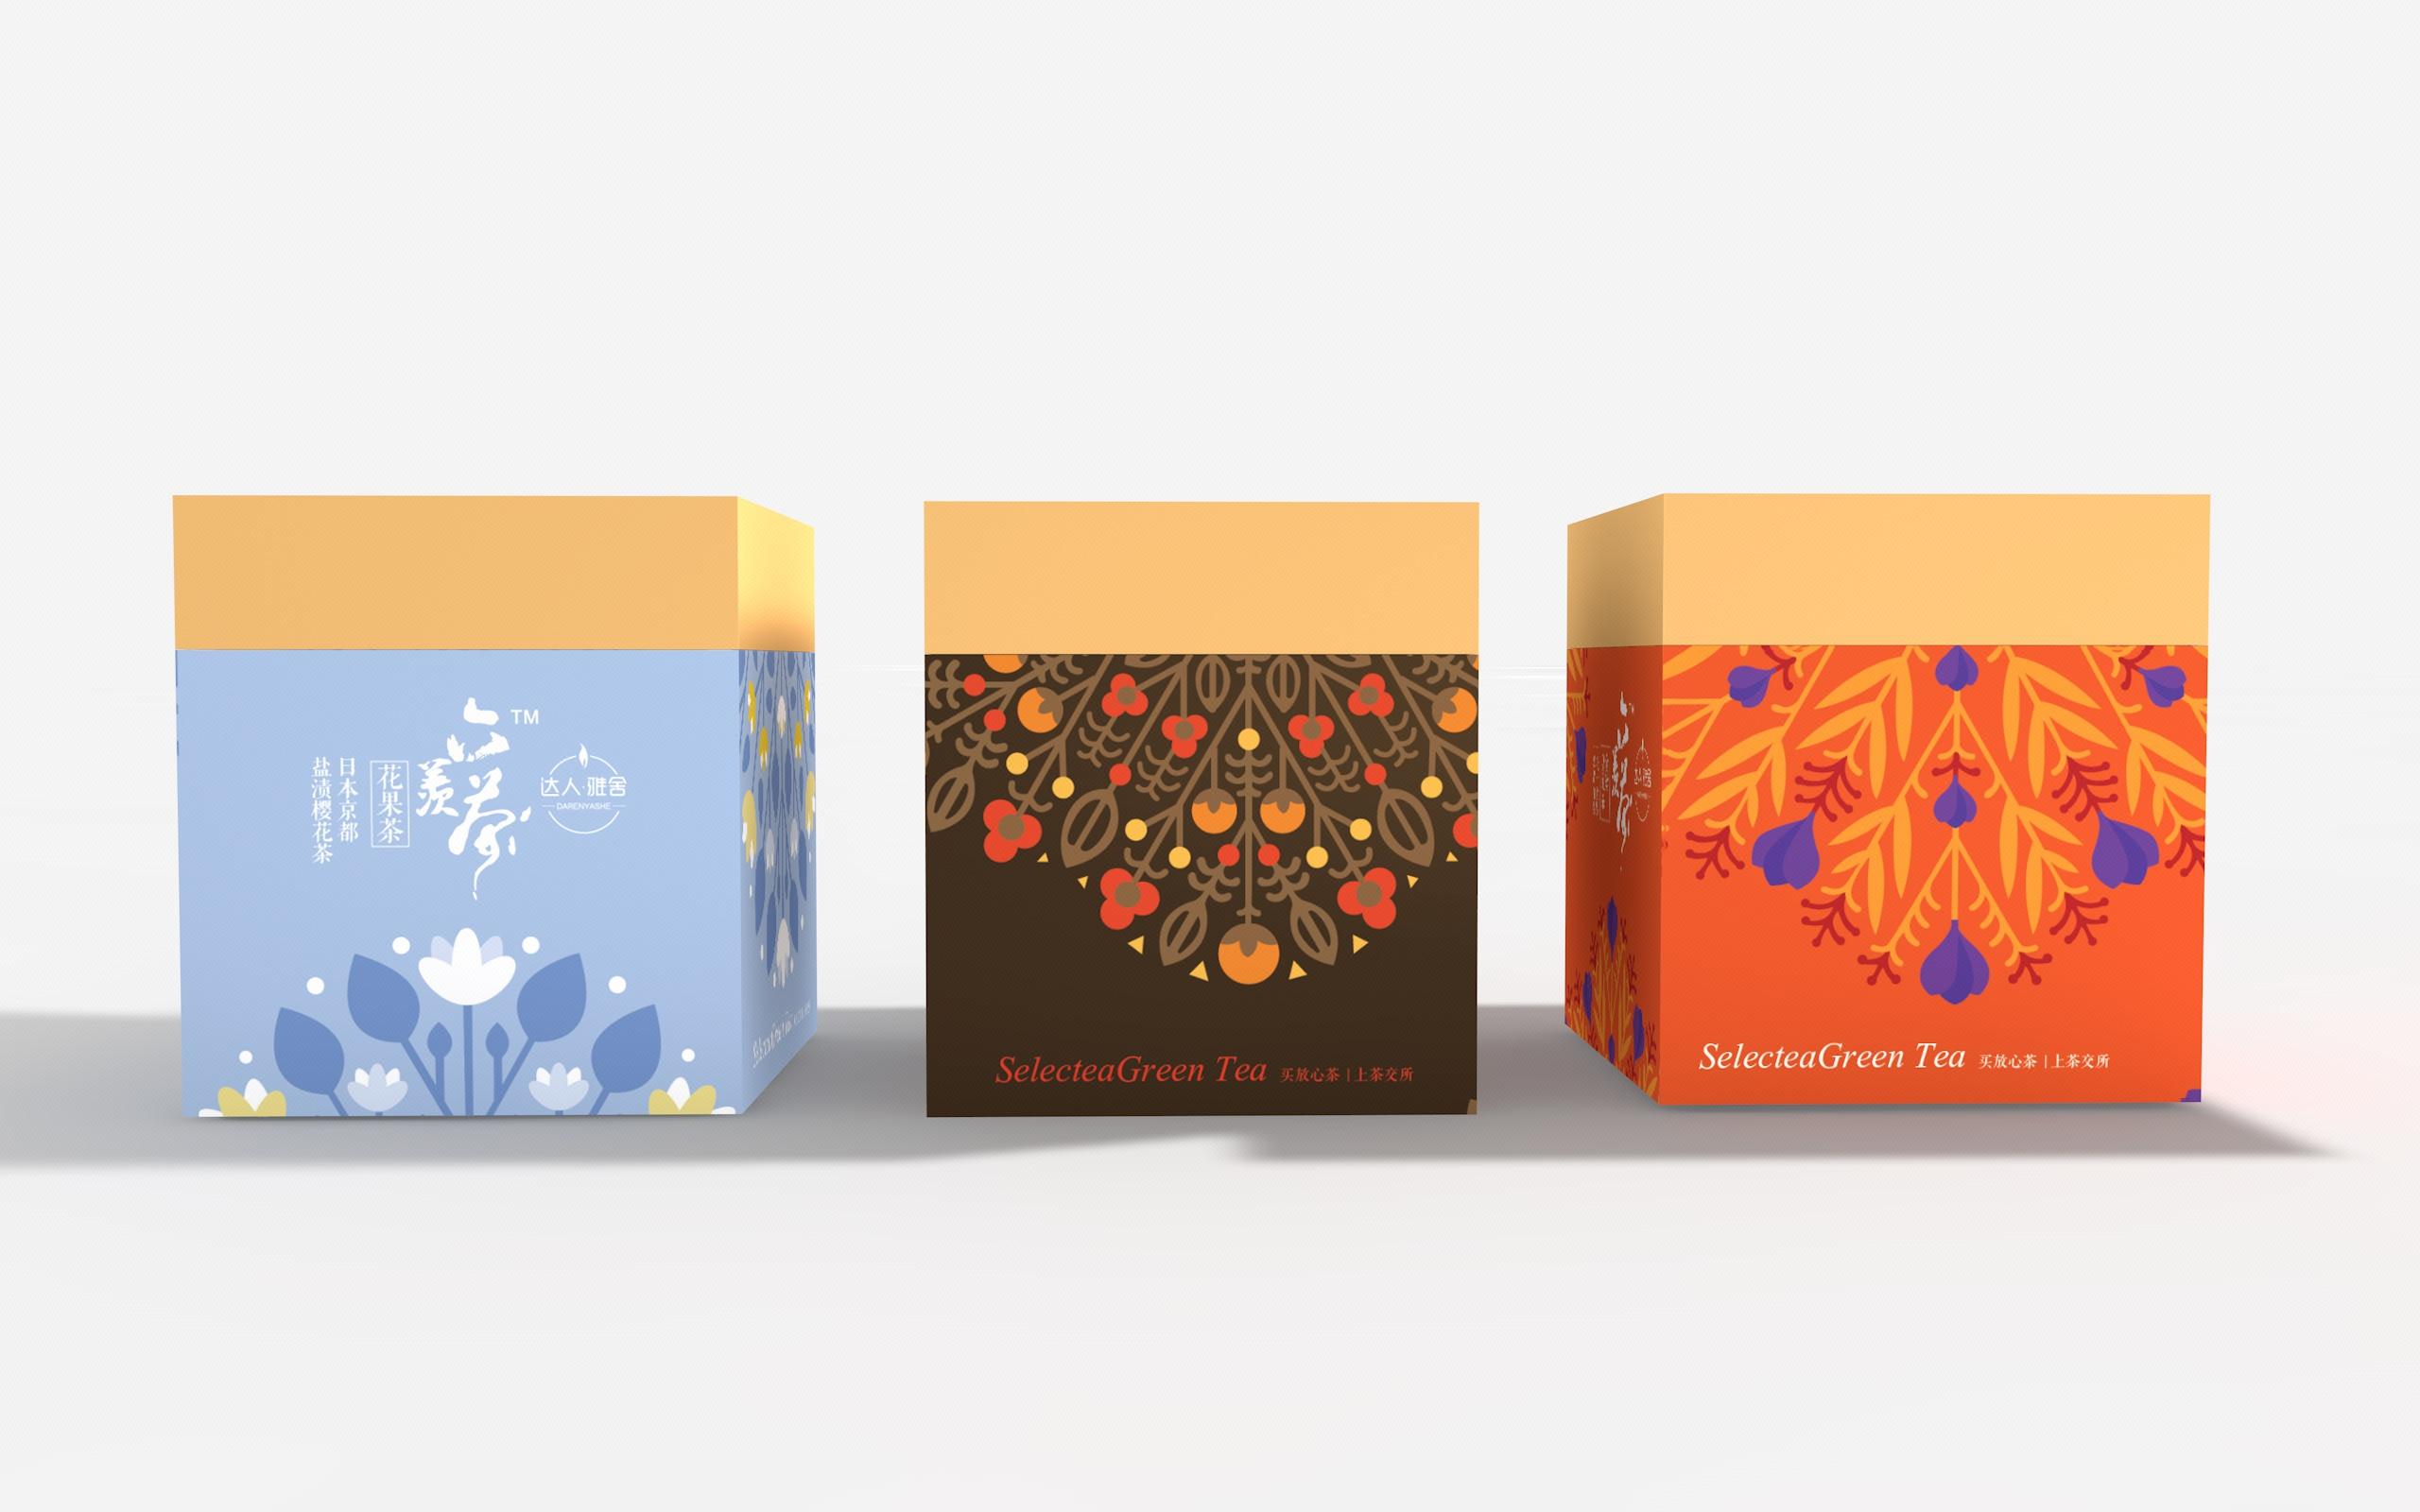 上海包装设计茶叶饮料食品农产品包装设计礼盒包装化妆品瓶贴设计